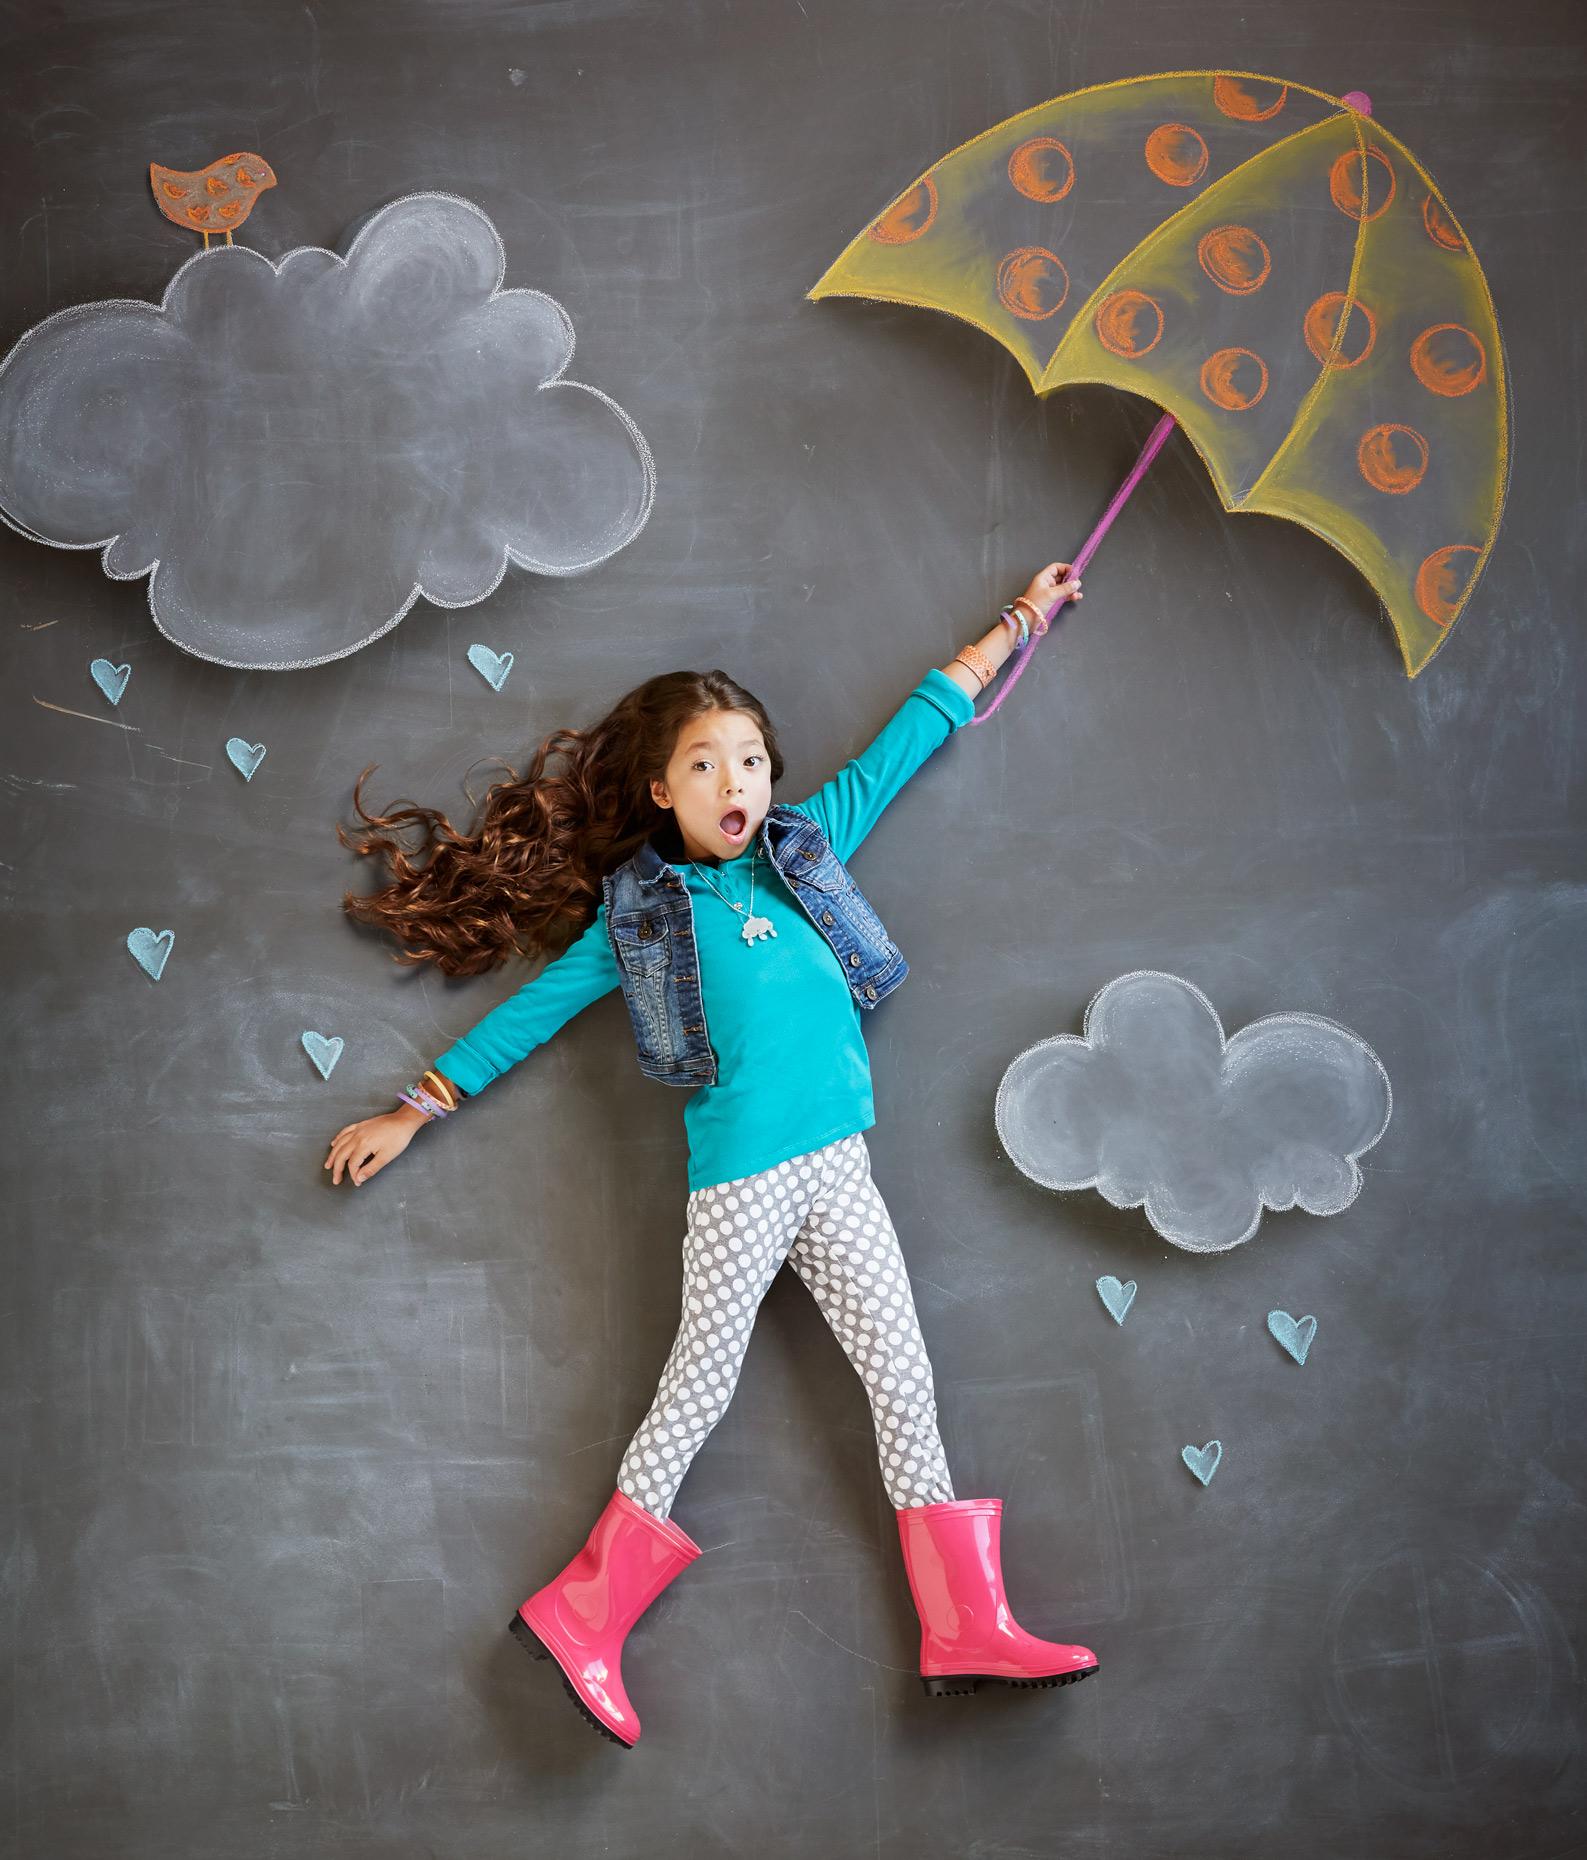 Portrait Photography Derek Israelsen Kid Chalk Umbrella